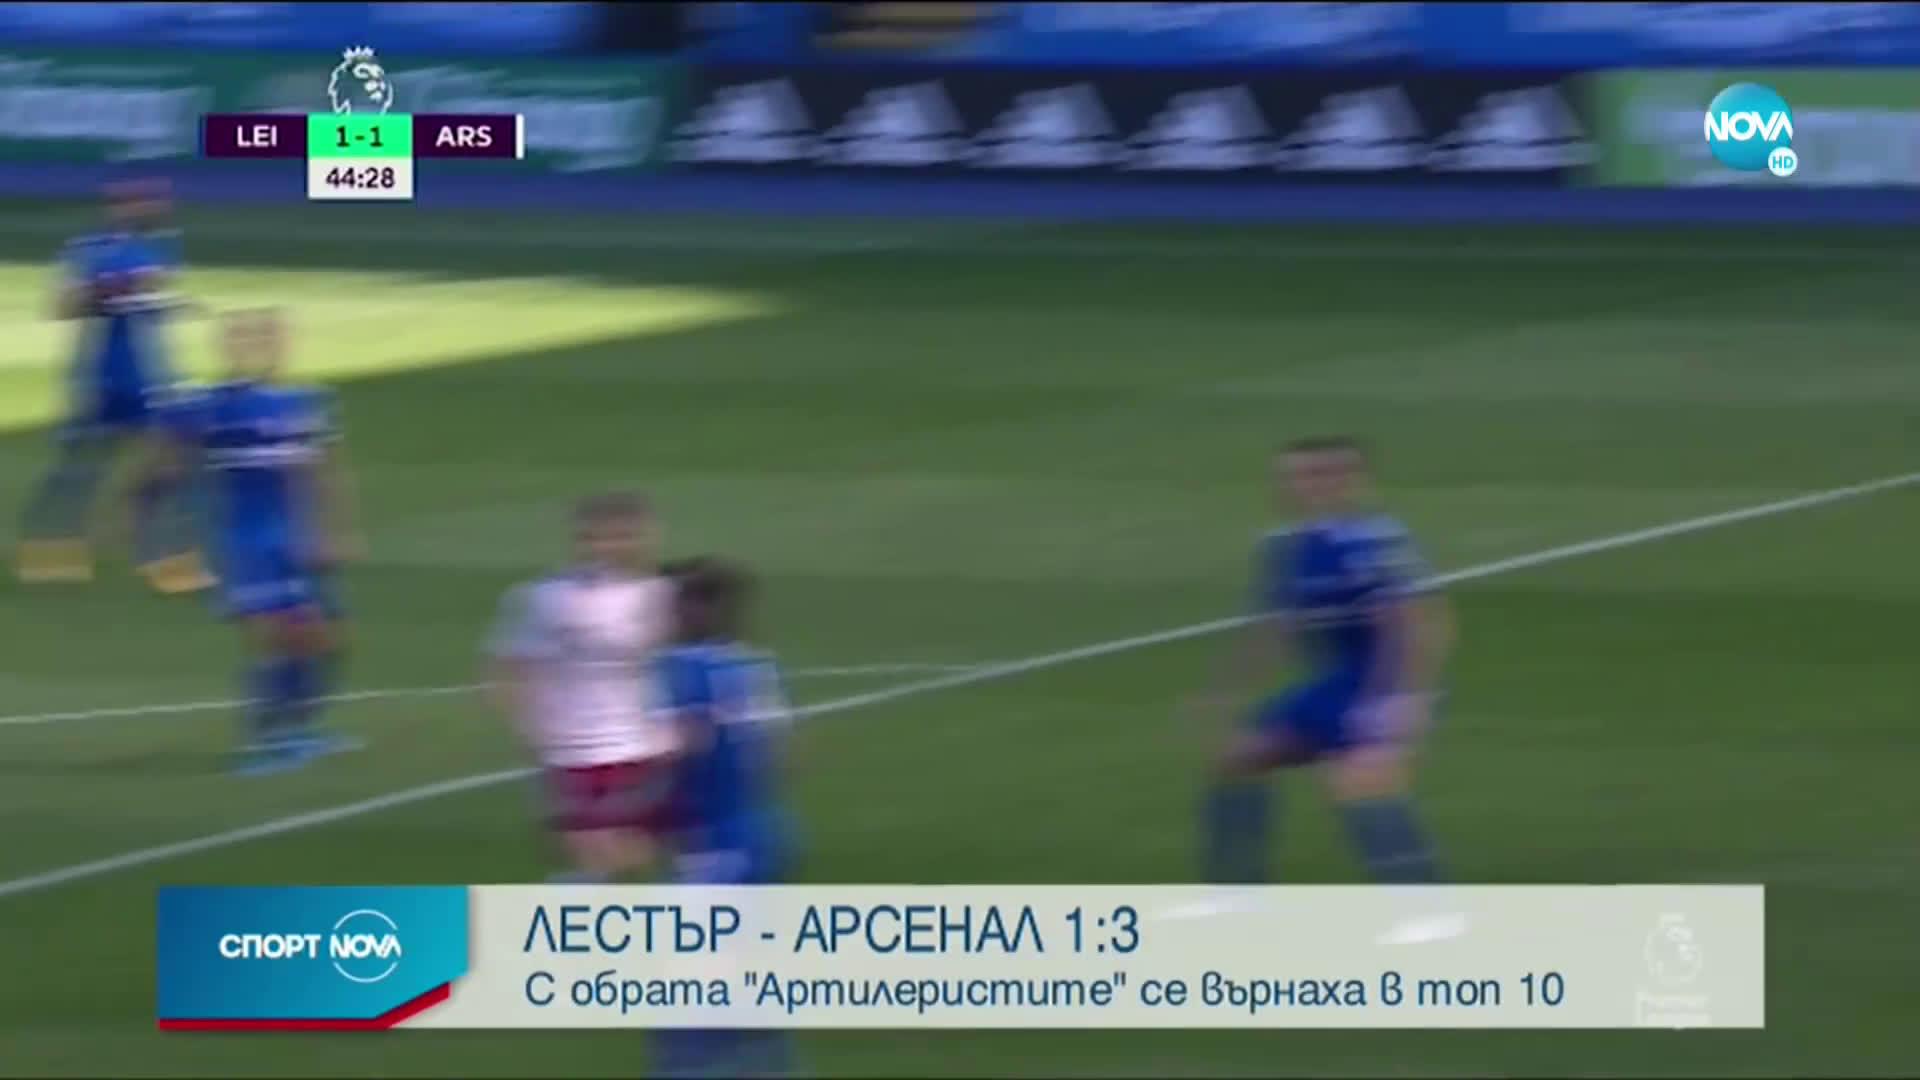 Спортни новини (28.02.2021 - централна емисия)